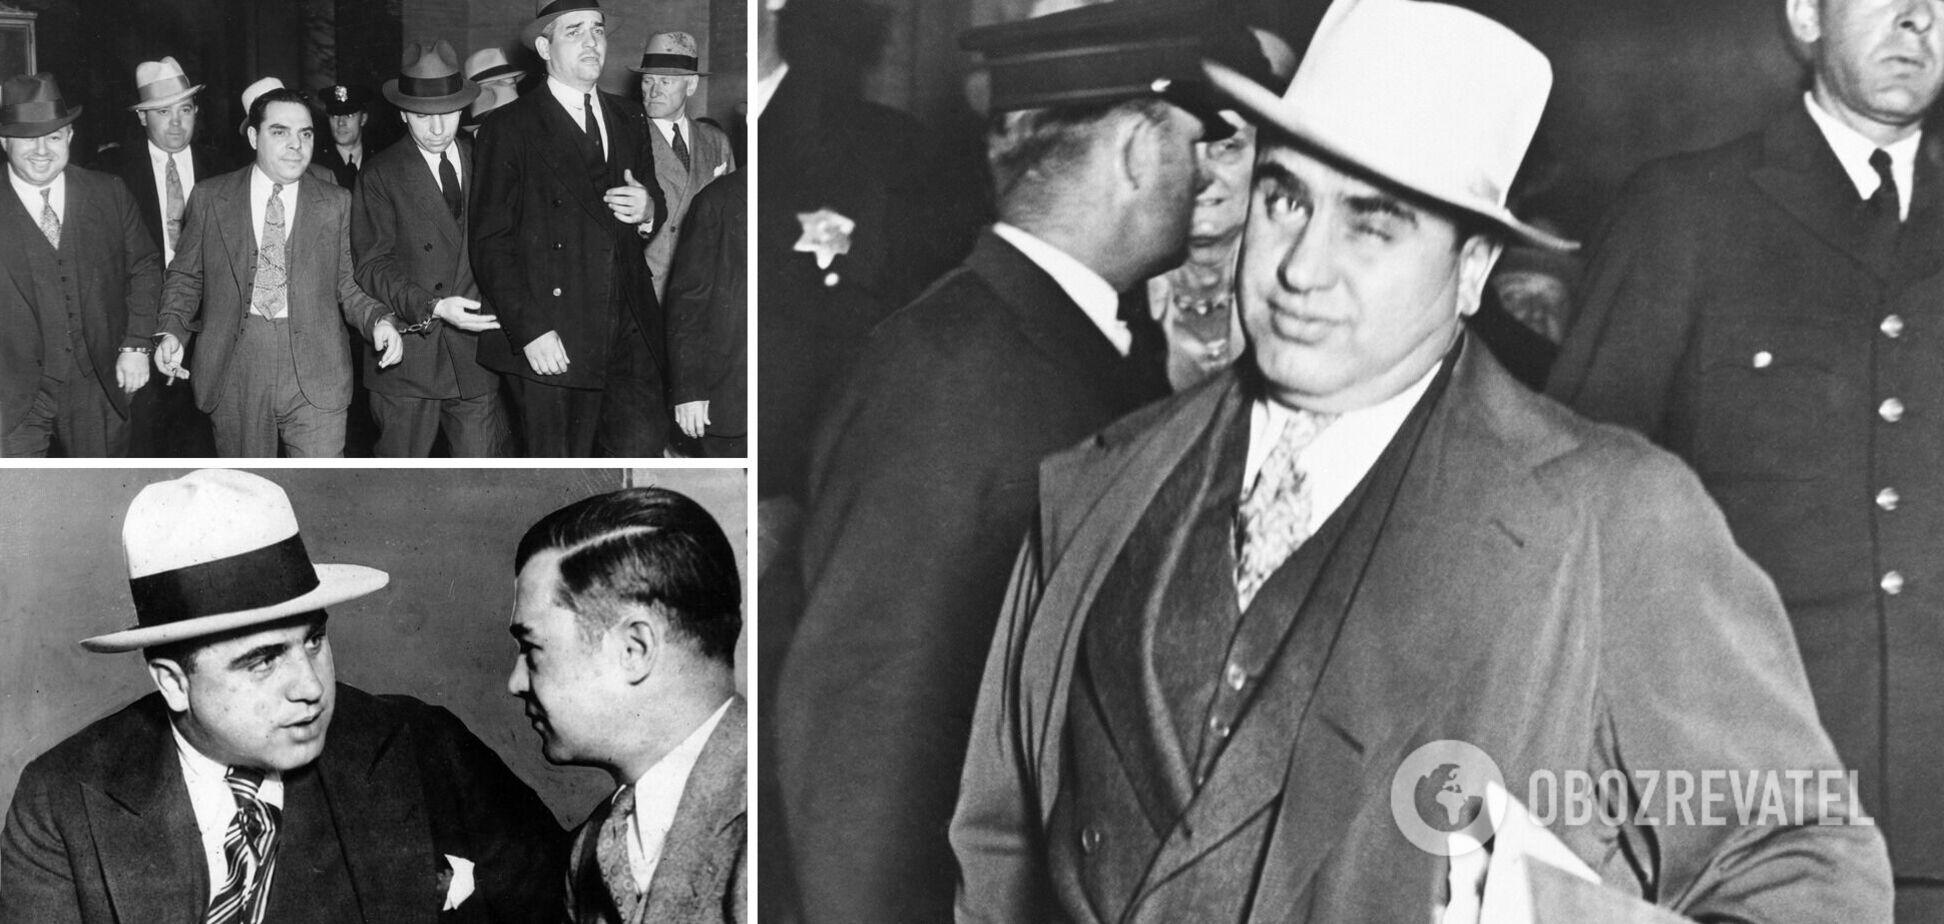 Був виключений зі школи і працював у кондитерській: 15 фактів про найвідомішого гангстера XX століття Аль Капоне